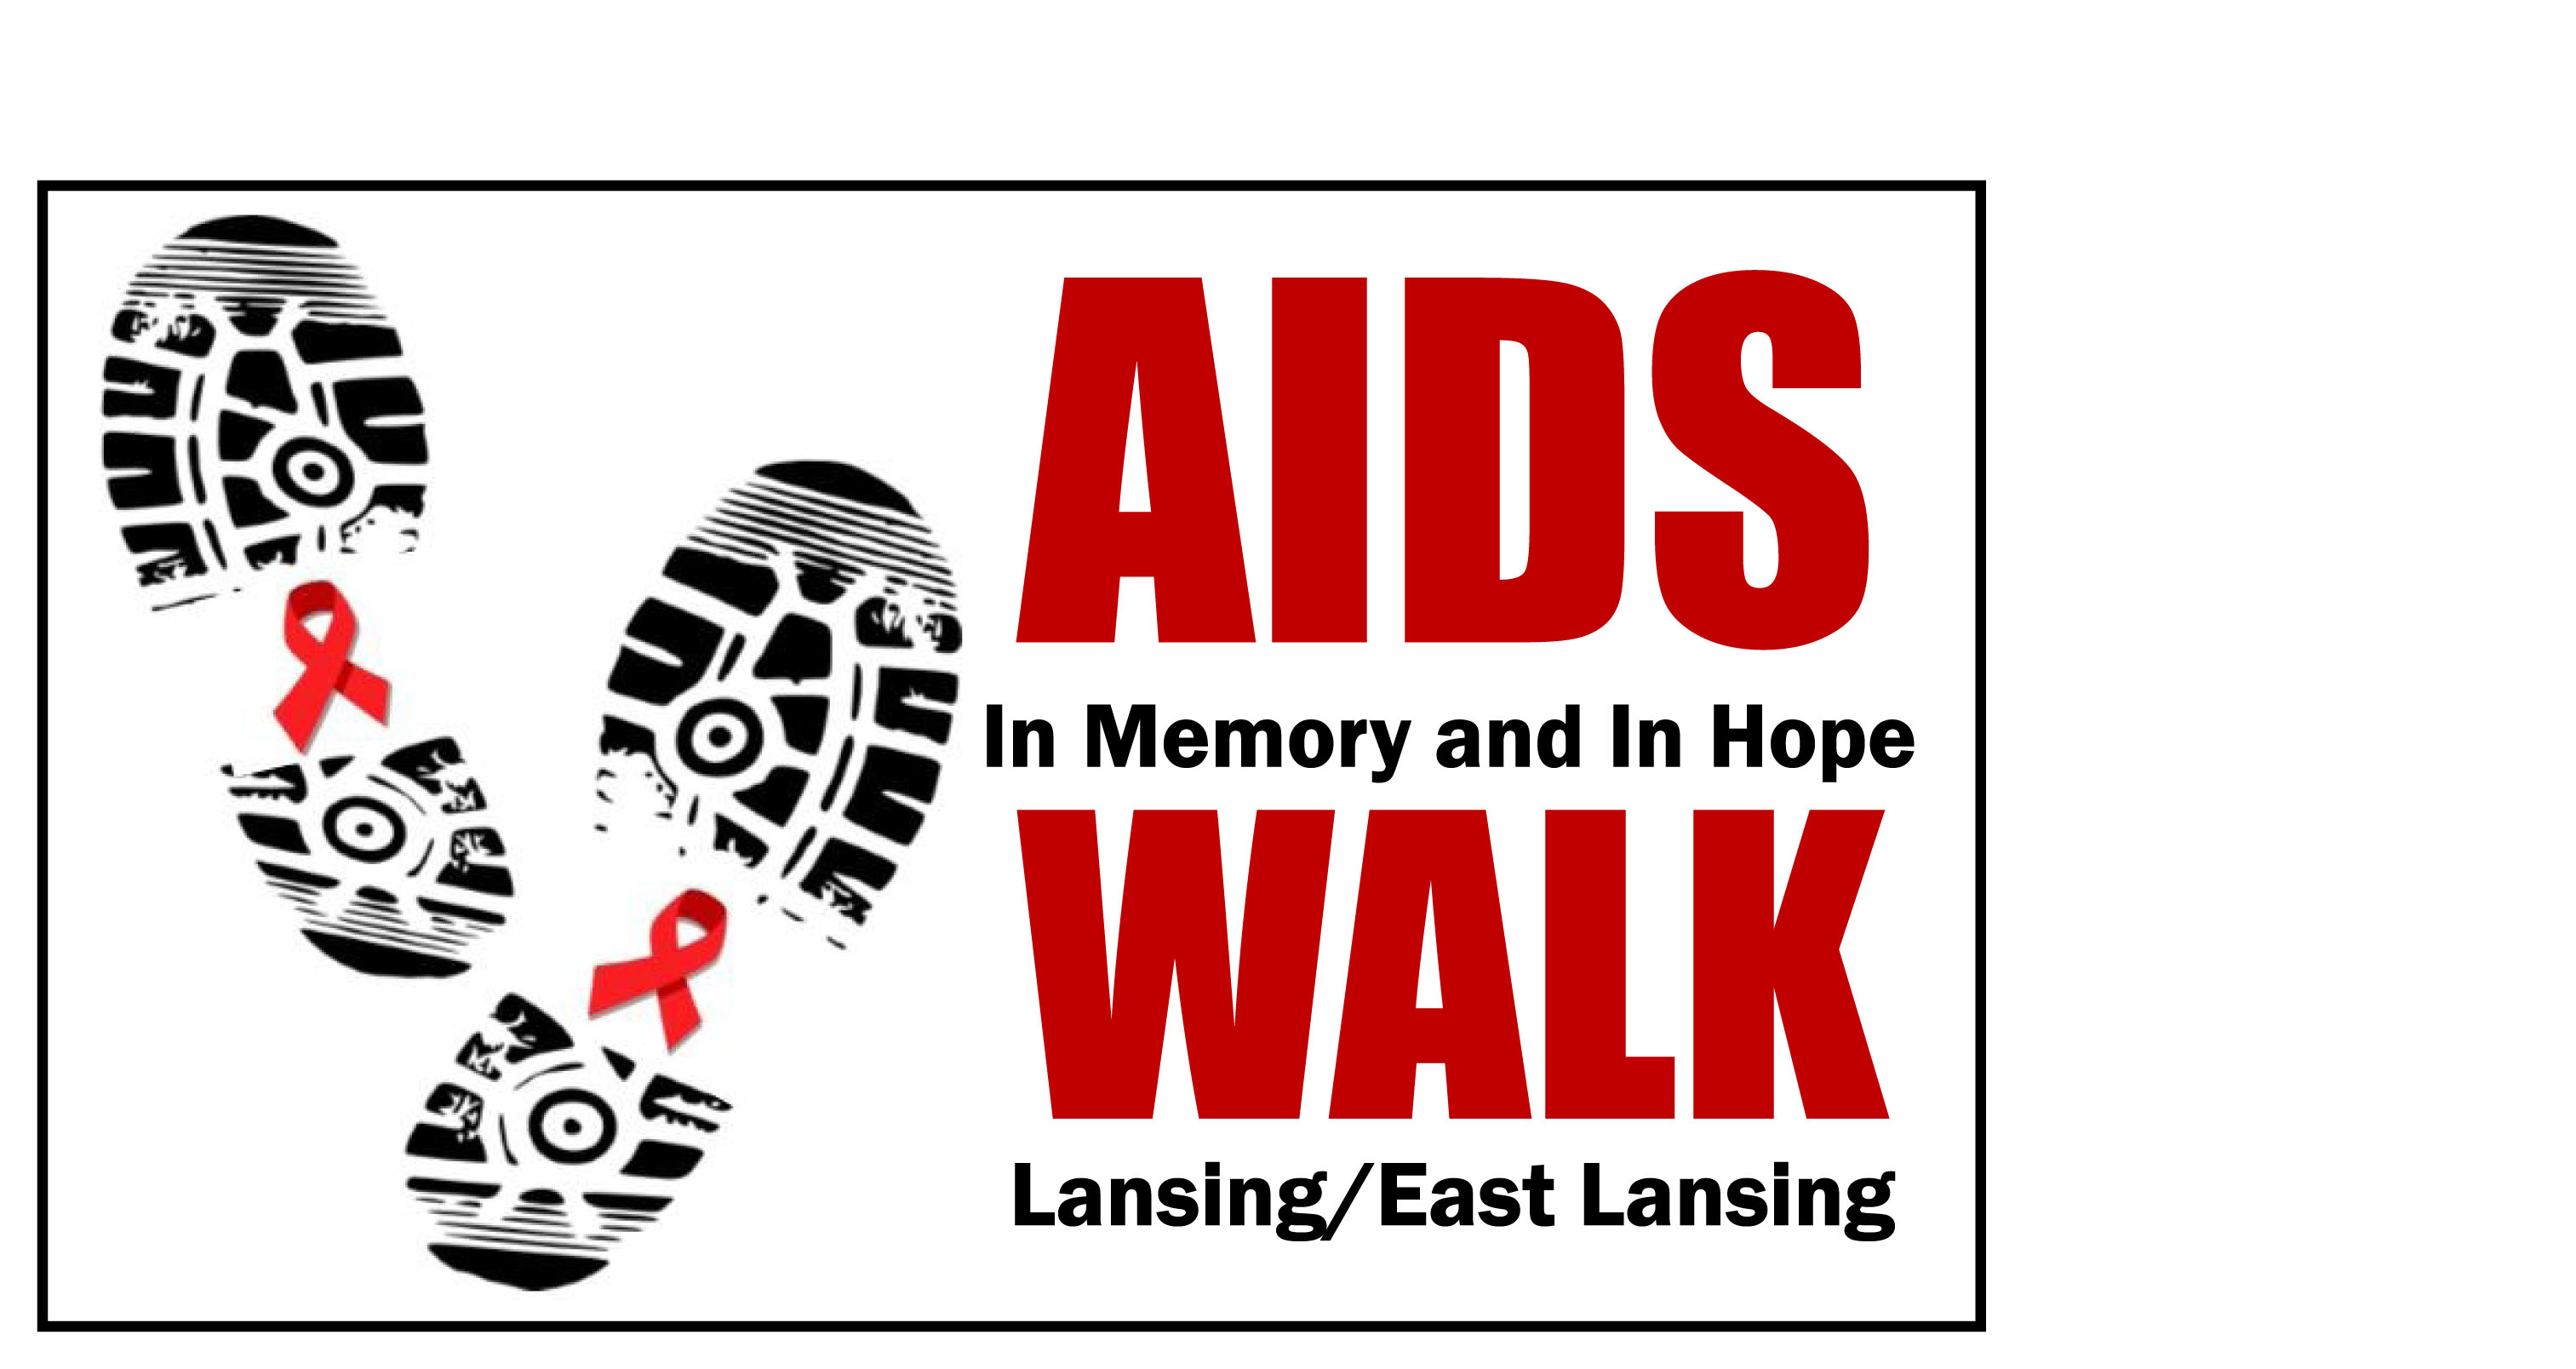 2016 AIDS Walk Lanscape2.pub - Publisher